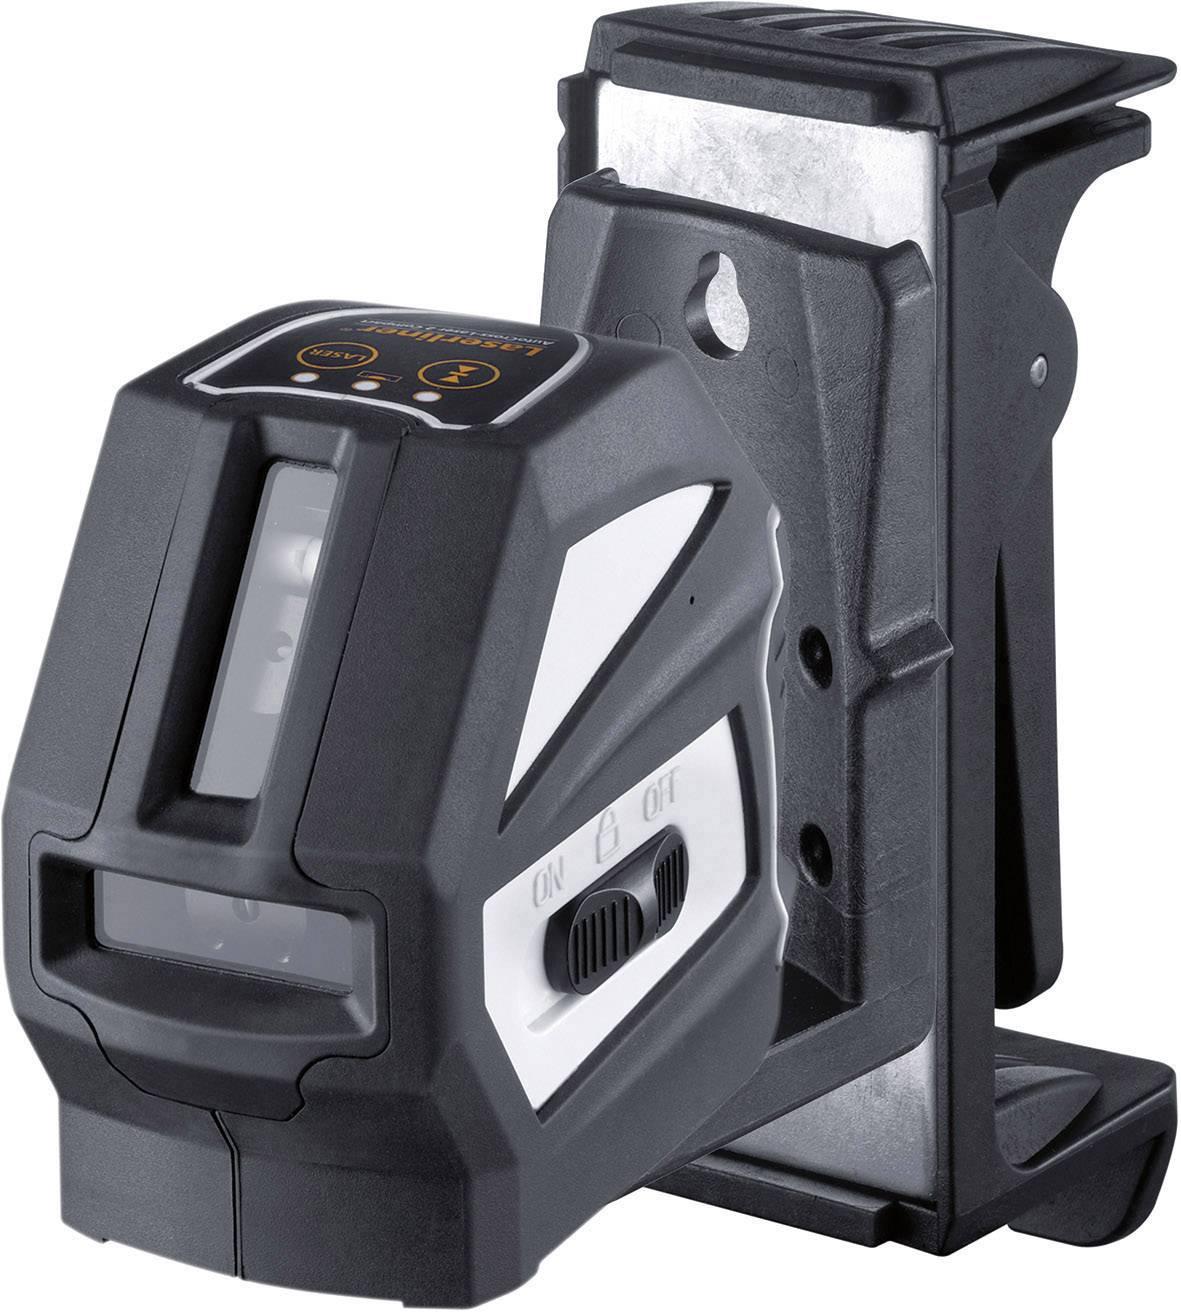 Samonivelační křížový laser Laserliner AutoCross-Laser 2 Plus, dosah (max.): 40 m, Kalibrováno dle: bez certifikátu